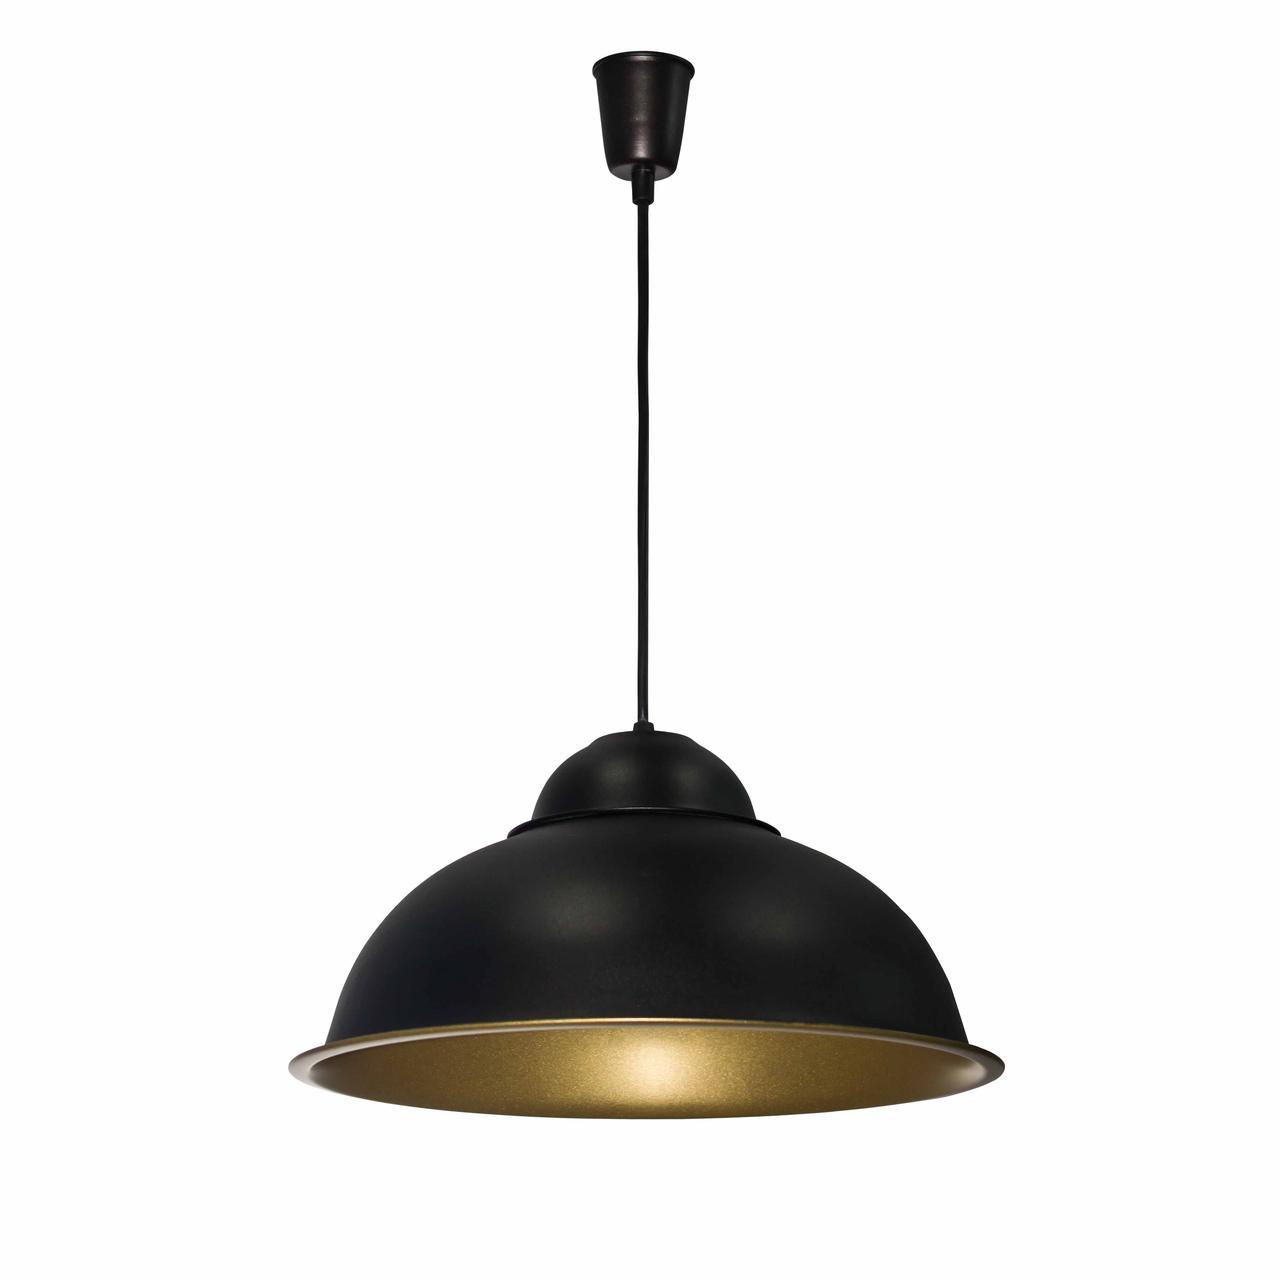 Світильник підвісний в стилі лофт Купол СП 3614 BK+GD MSK Electric